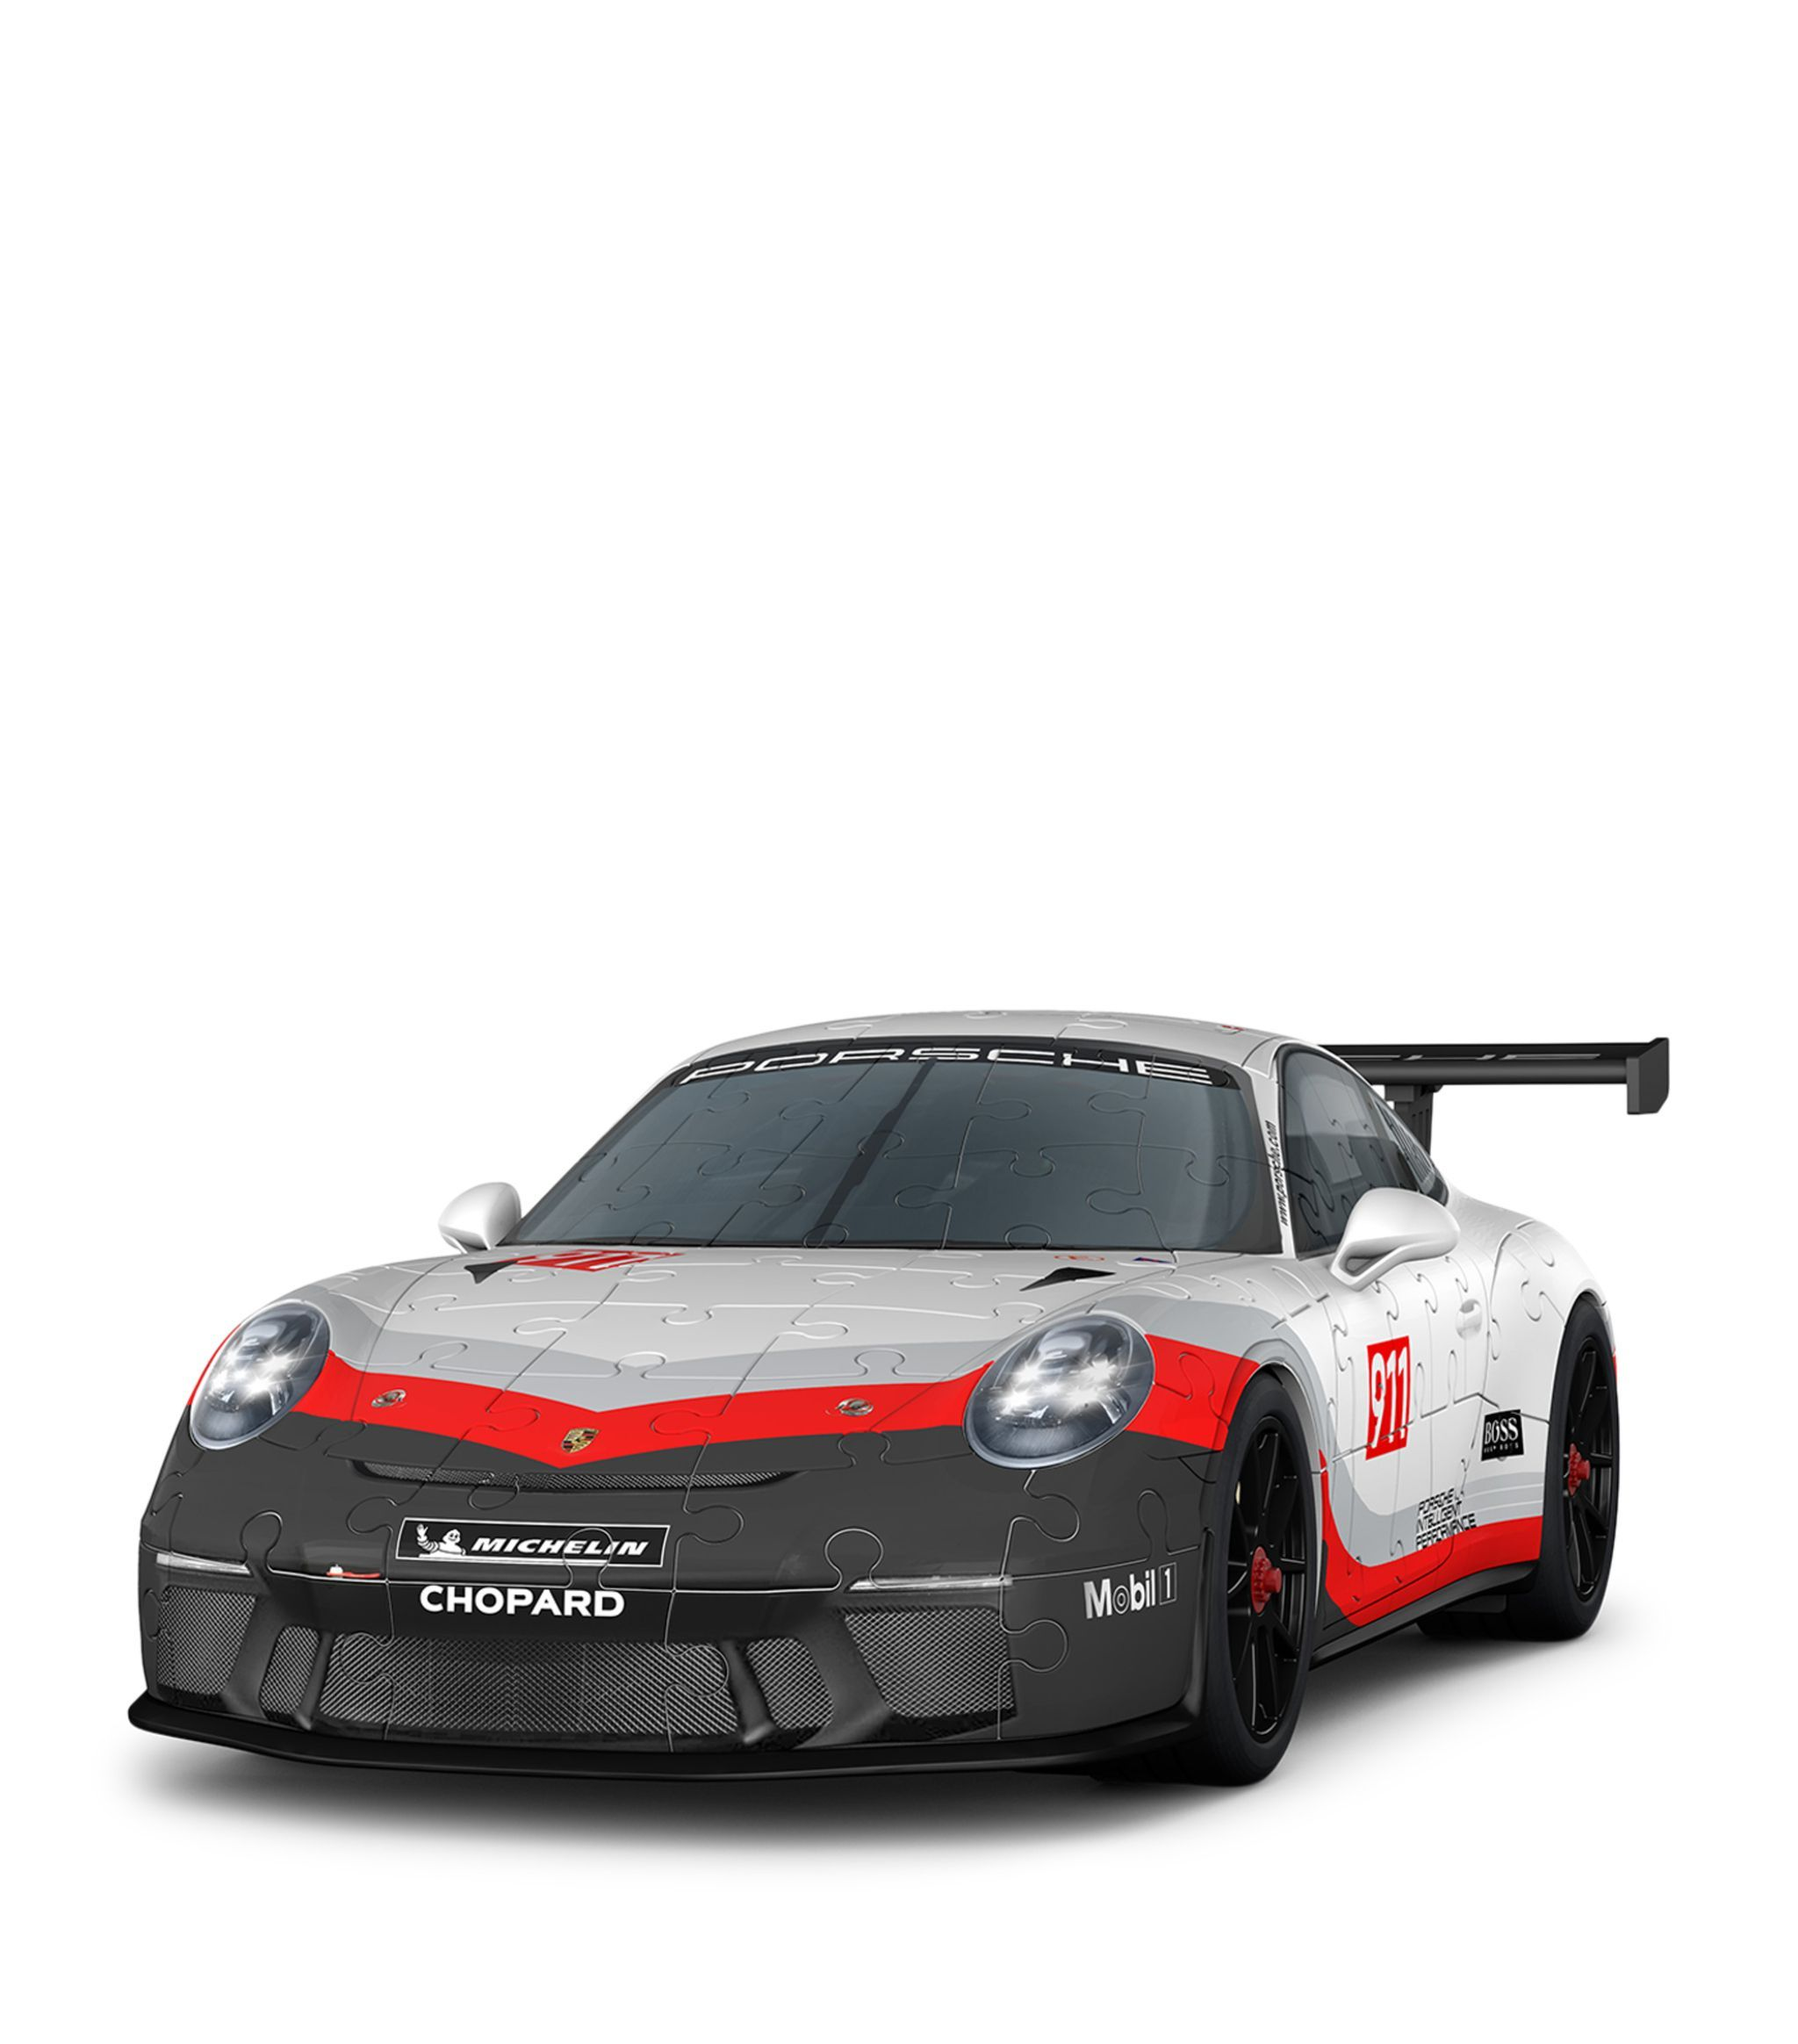 Ravensburger Multi Porsche Gt3 Cup 3d Jigsaw Puzzle 108 Pieces Ad Paid Porsche Ravensburger Multi Cup Pie Porsche Gt3 Porsche 3d Jigsaw Puzzles